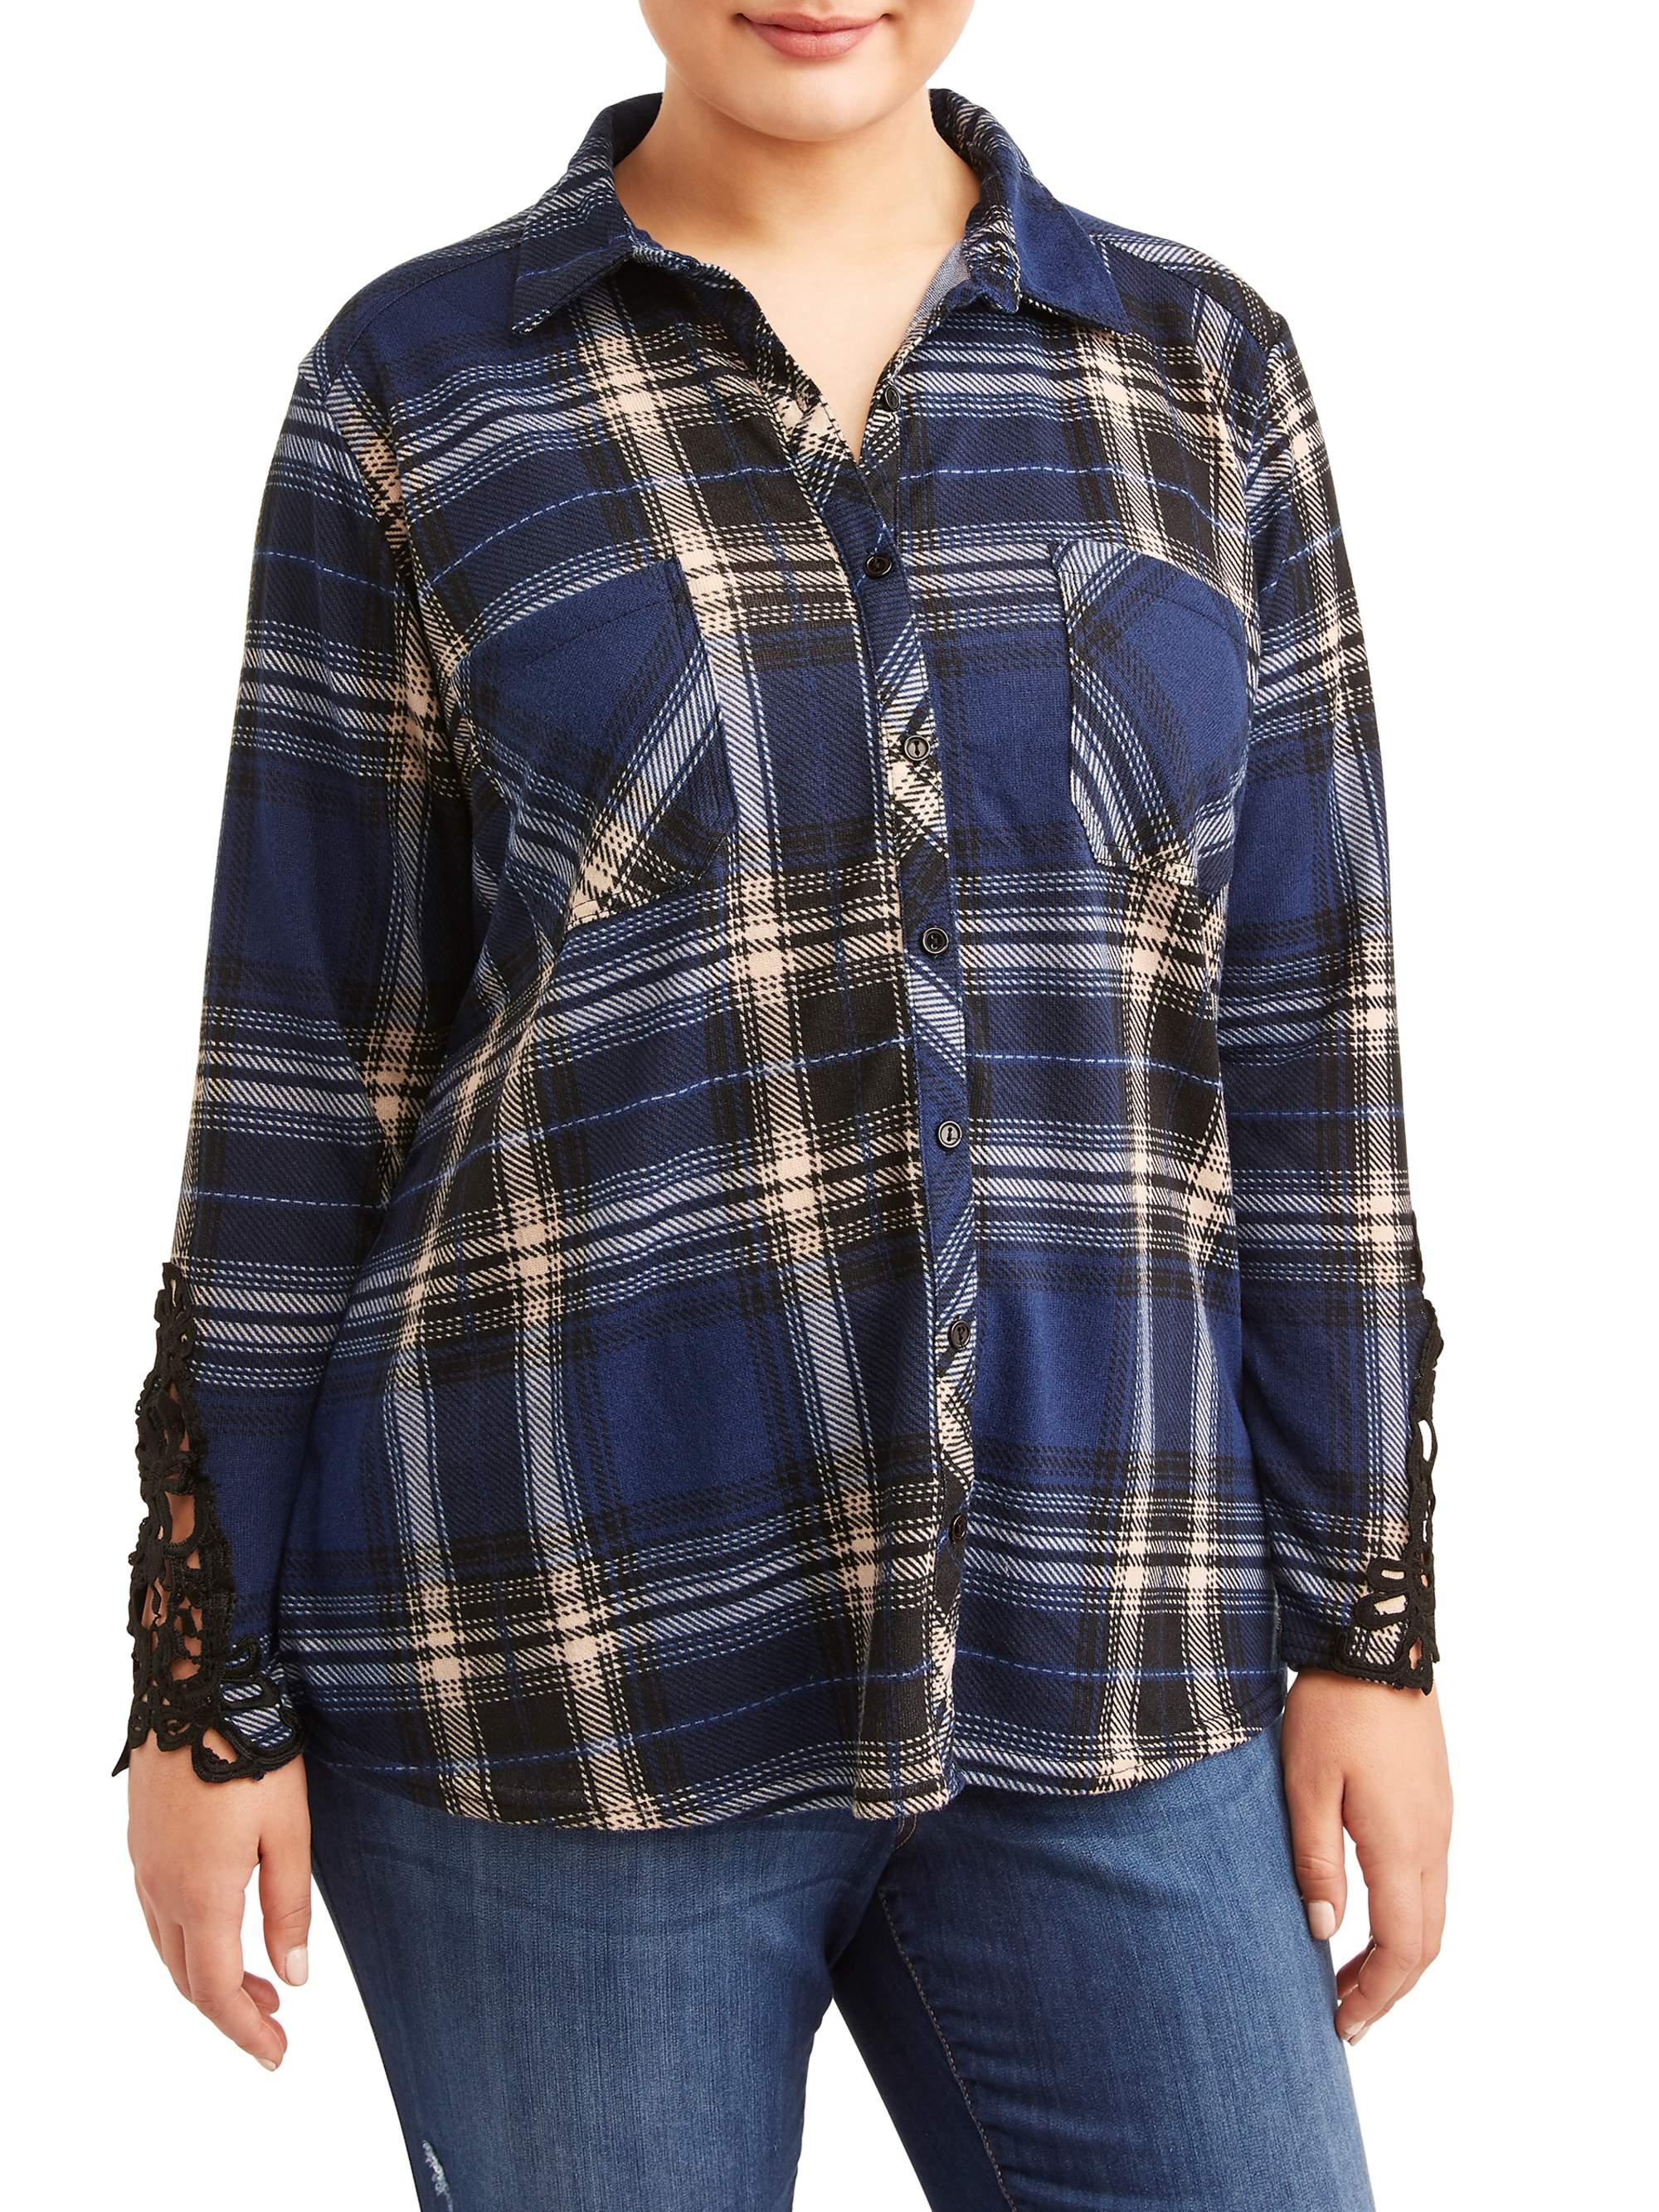 Women's Plus Size Button Front Shirt with Crochet Trim